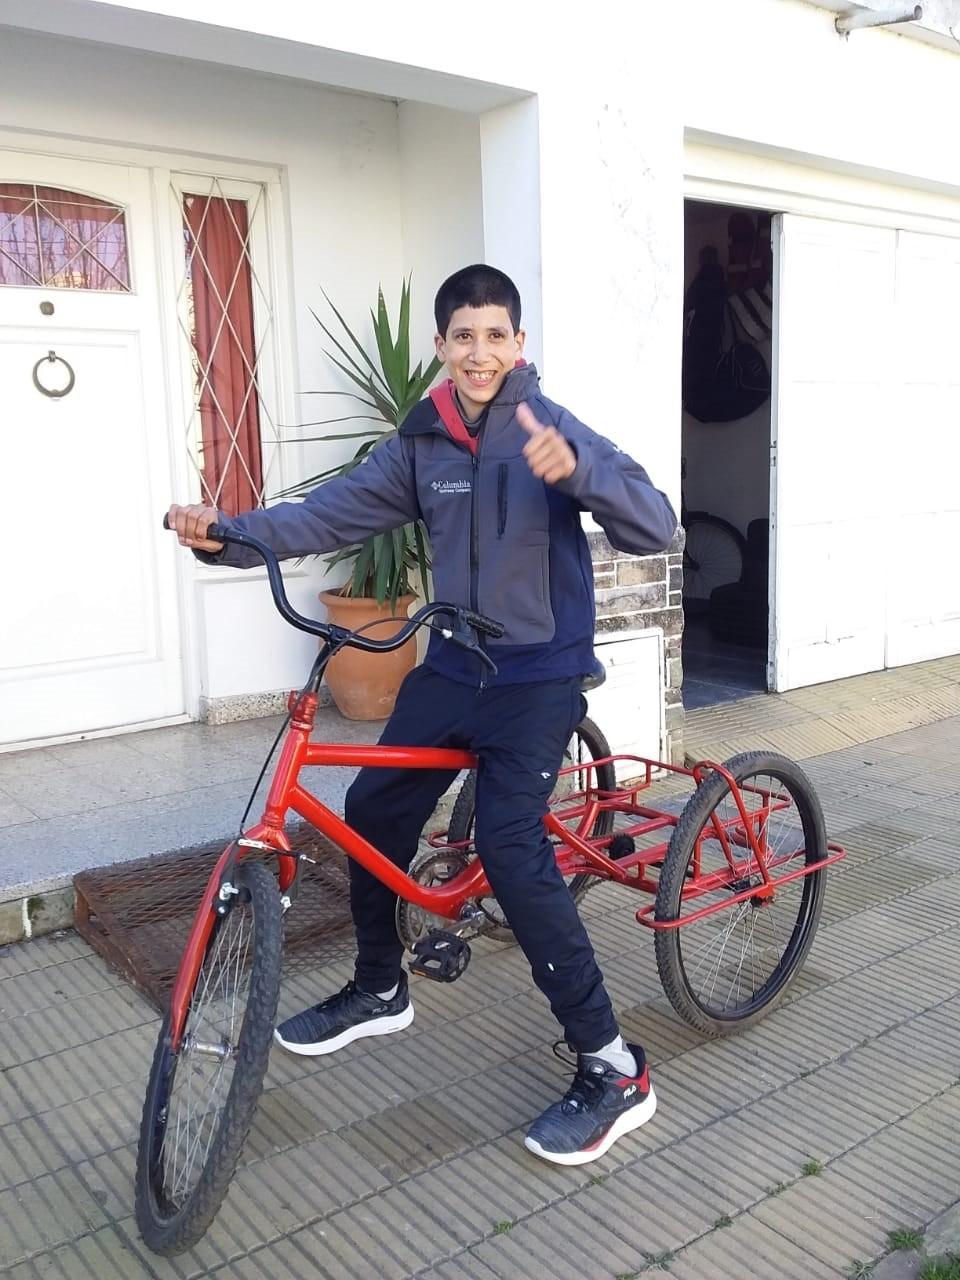 Finalmente entregamos el triciclo a Cristian, con el aporte y la solidaridad de todos